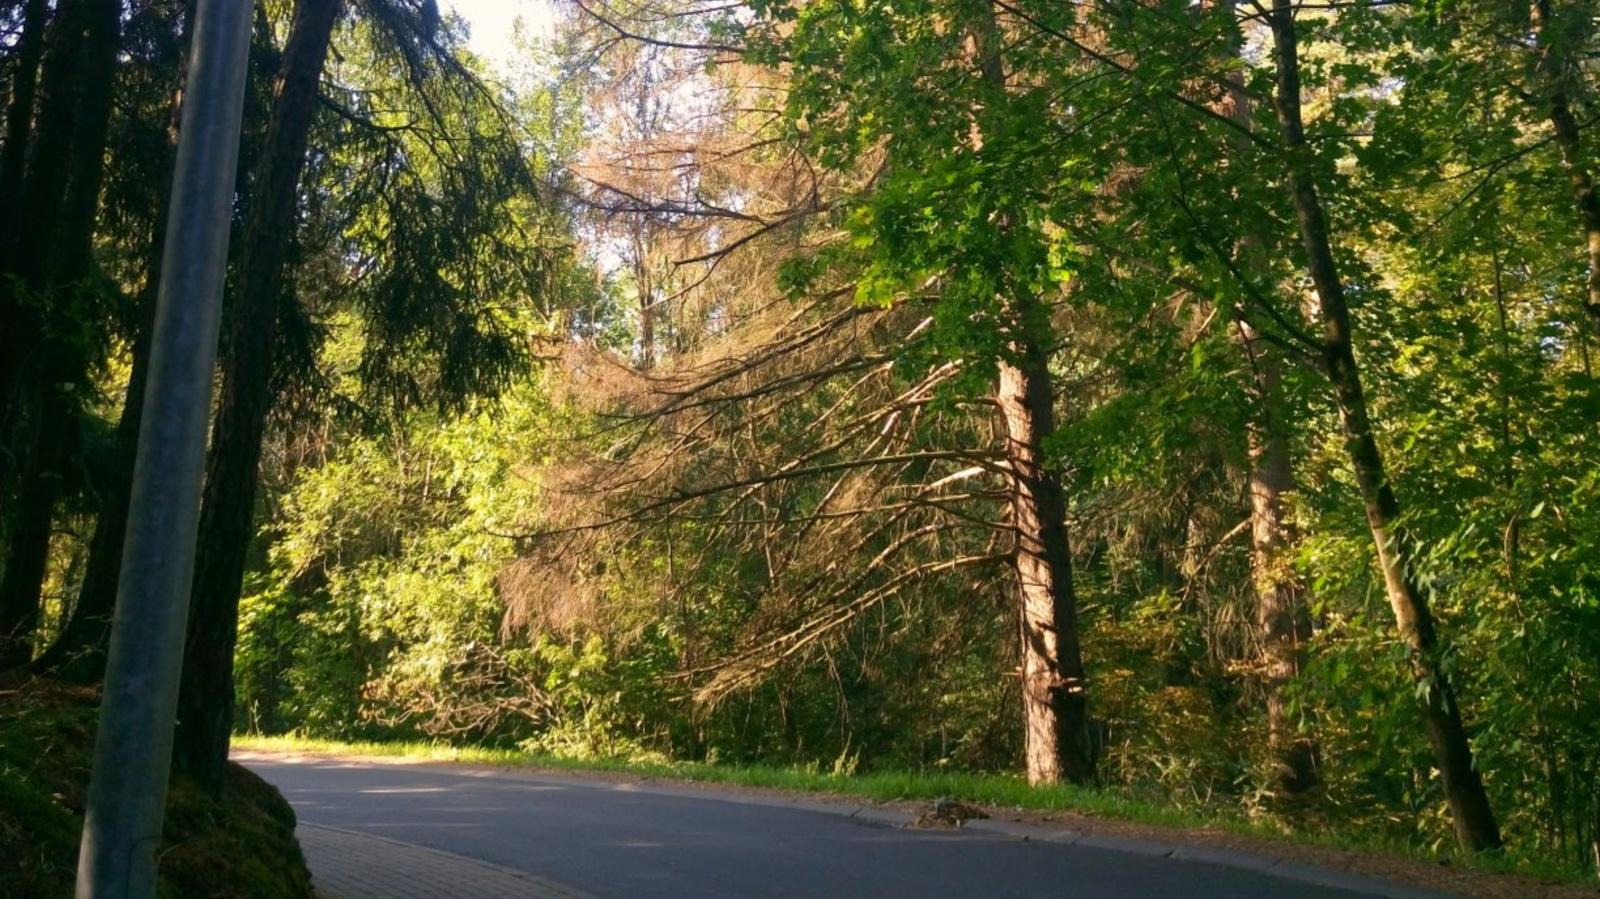 Anykščių šilelio draustinyje šalinami pavojingi medžiai